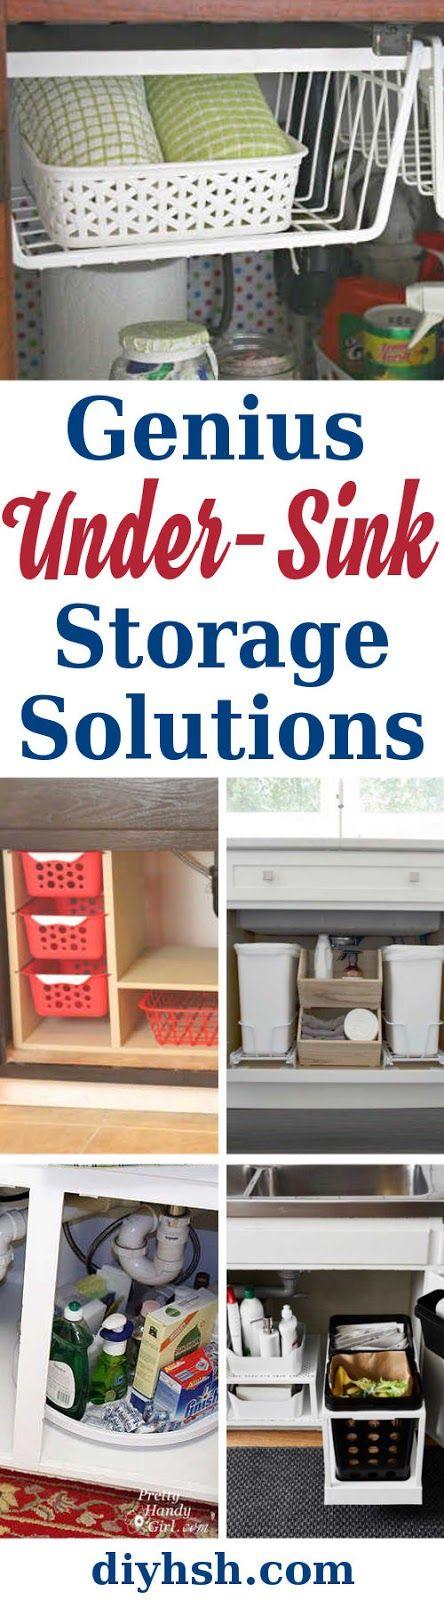 5 Genius Under-Sink Storage Solutions. #DIY #KitchenStorage #StorageSolutions